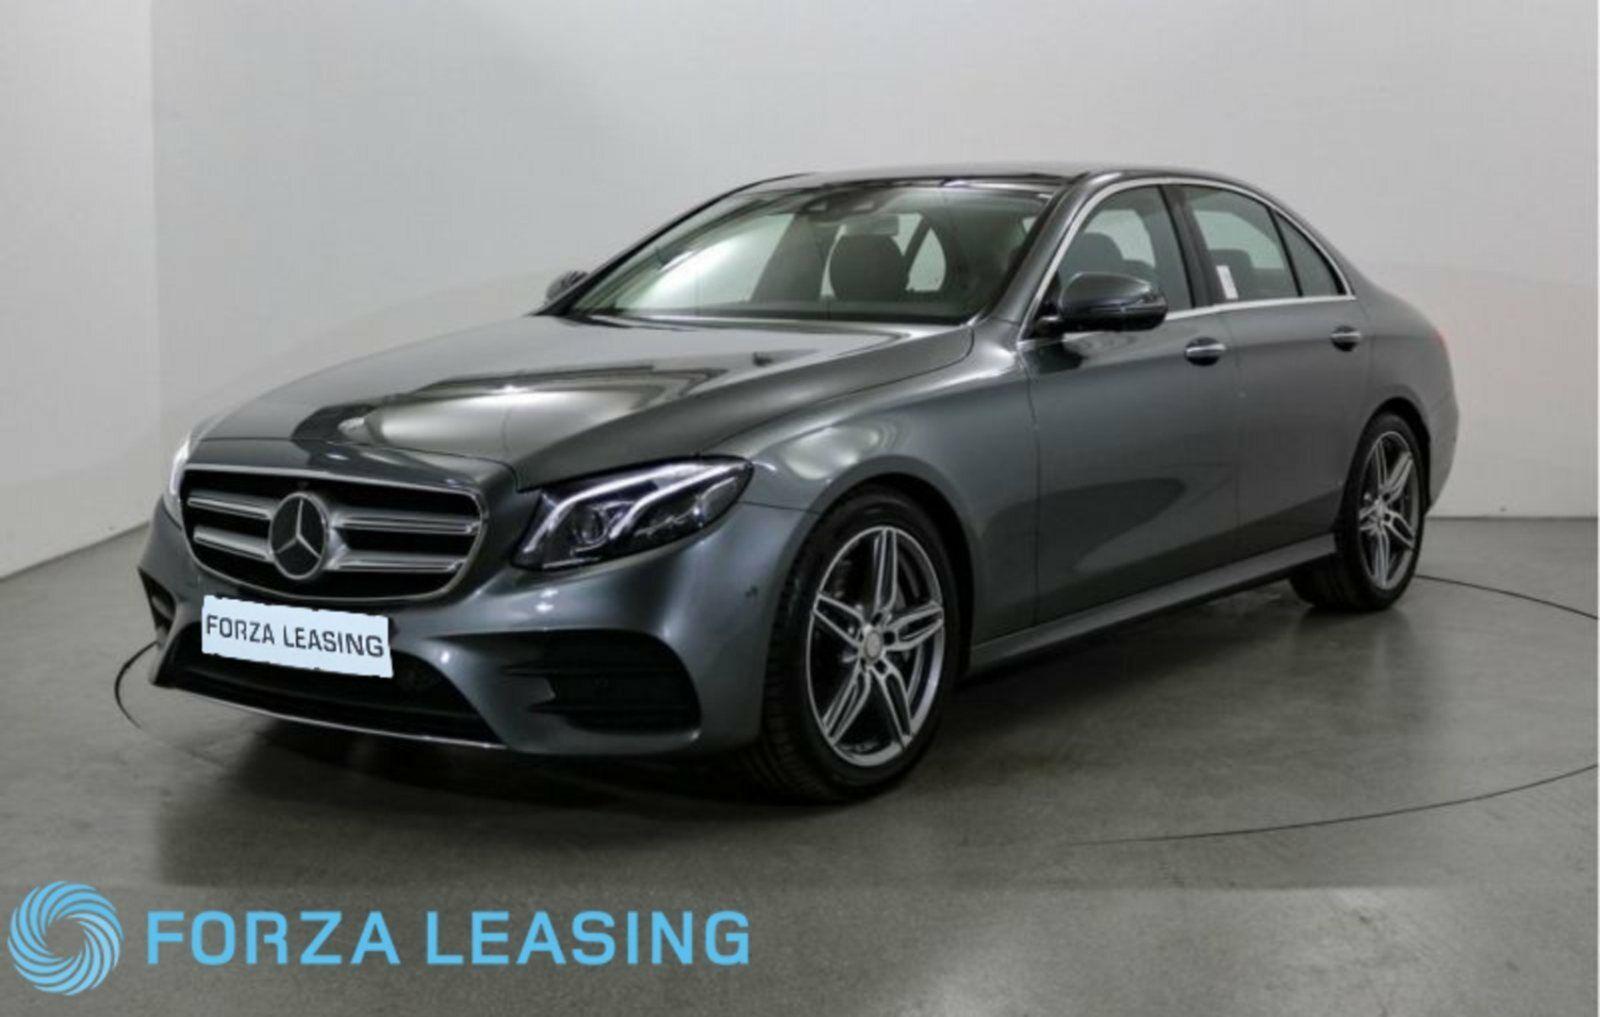 Mercedes E350 d 3,0 AMG aut. 4d - 5.795 kr.